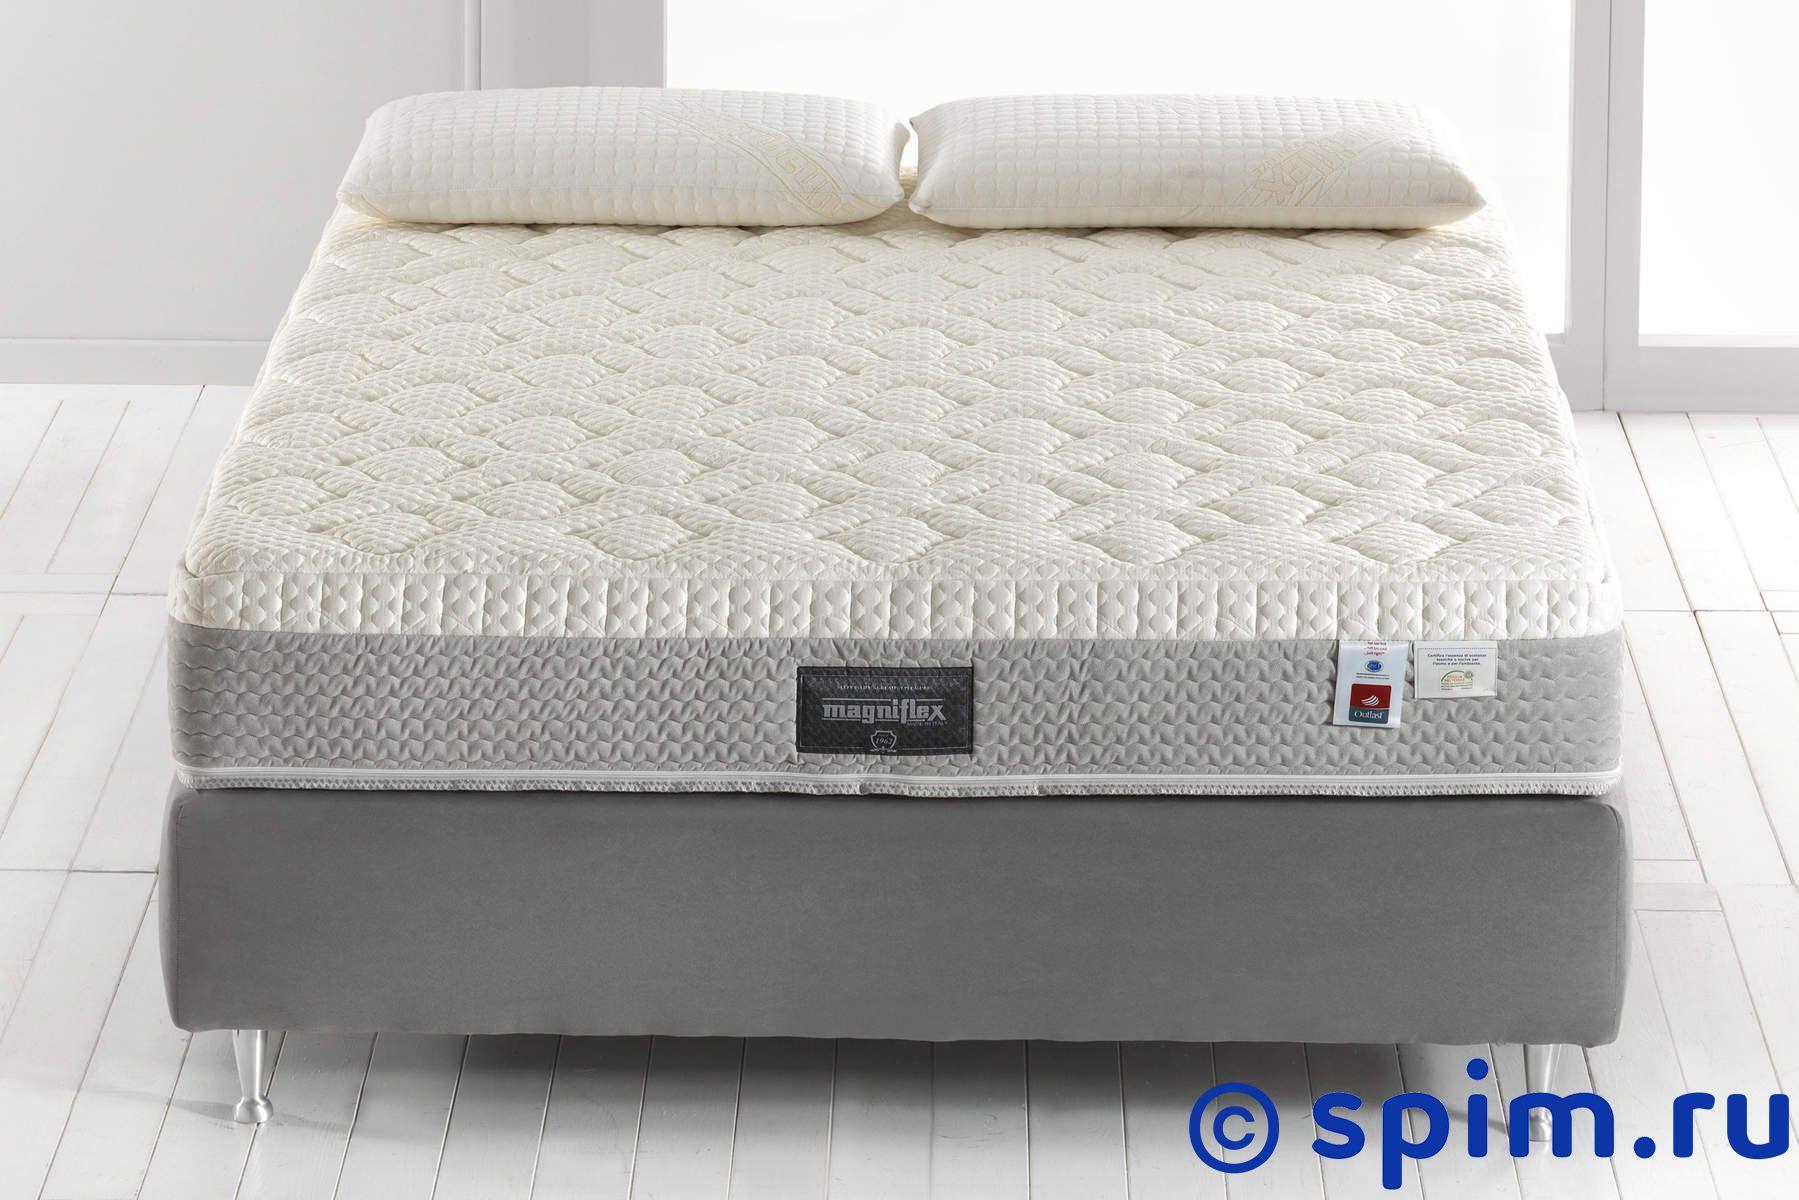 Матрас Magniflex Comfort Plus 10 200х200 см флокированный матрас кровать матрас comfort 203х152х51 см